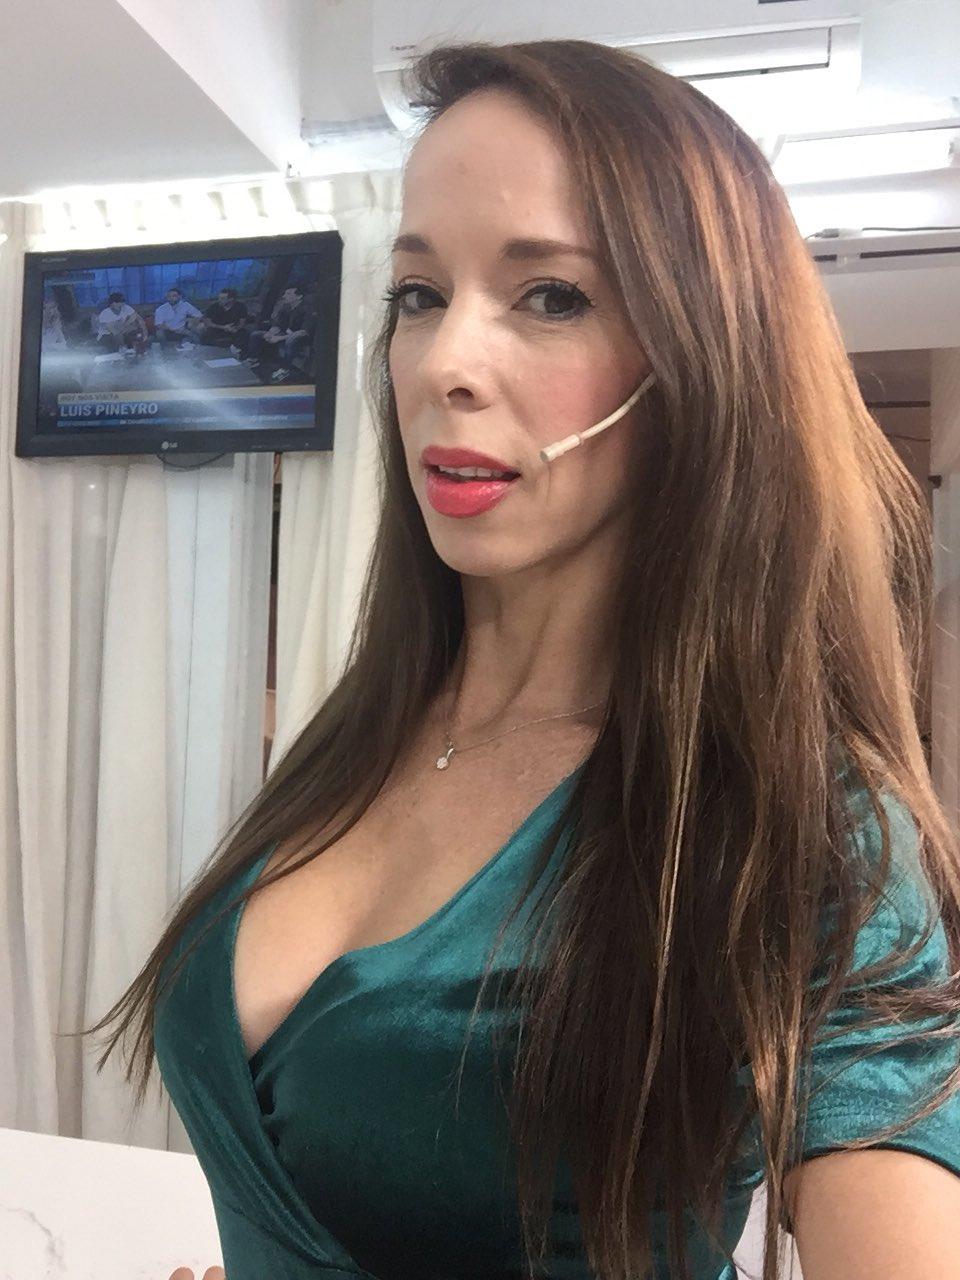 Victoria Onetto on Twitter: Ya estoy en el piso de